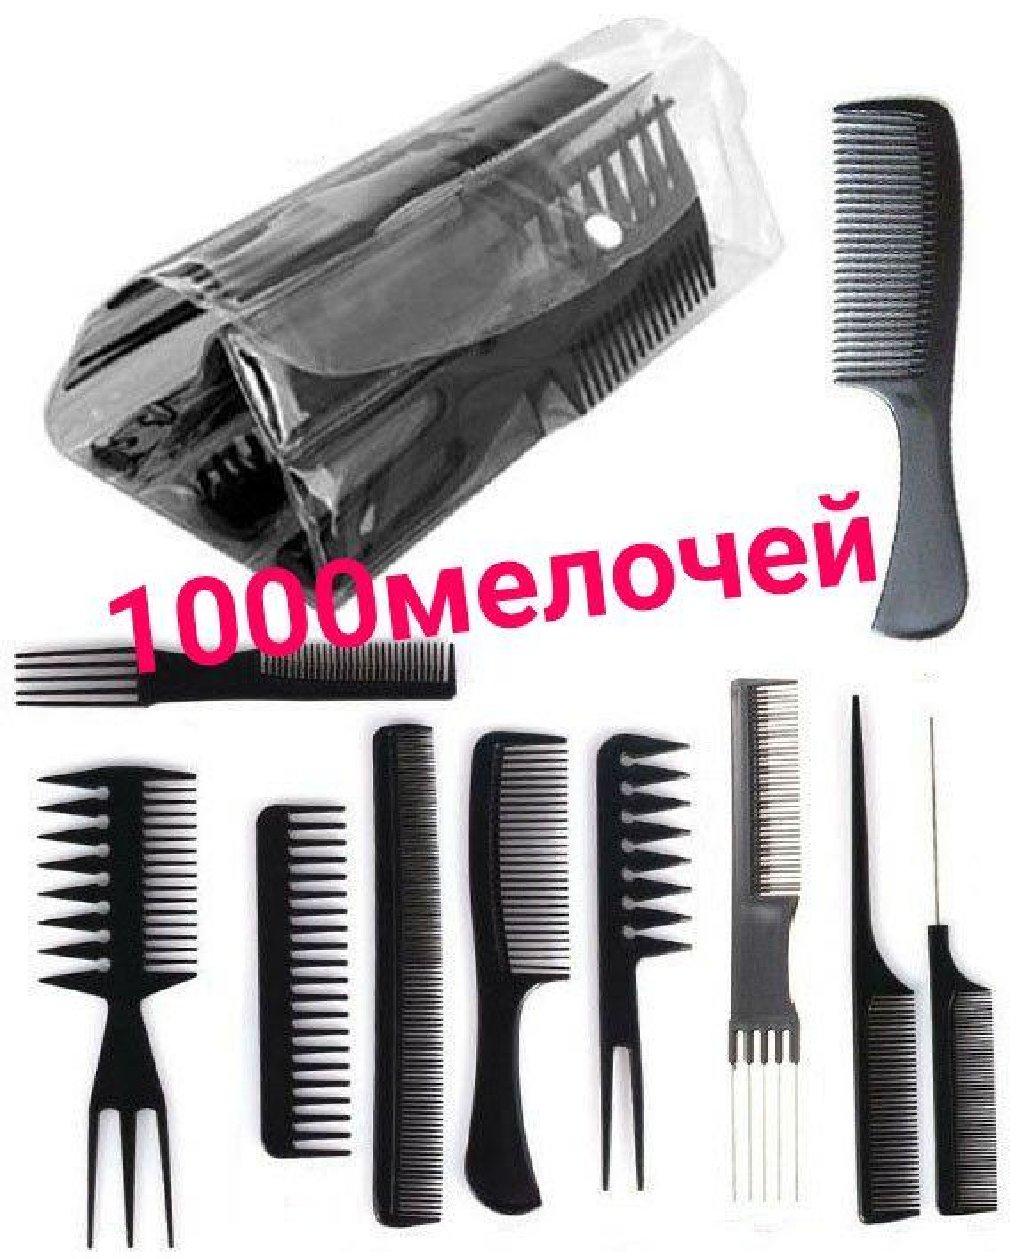 Набор расчёски 10 шт 55 сомон